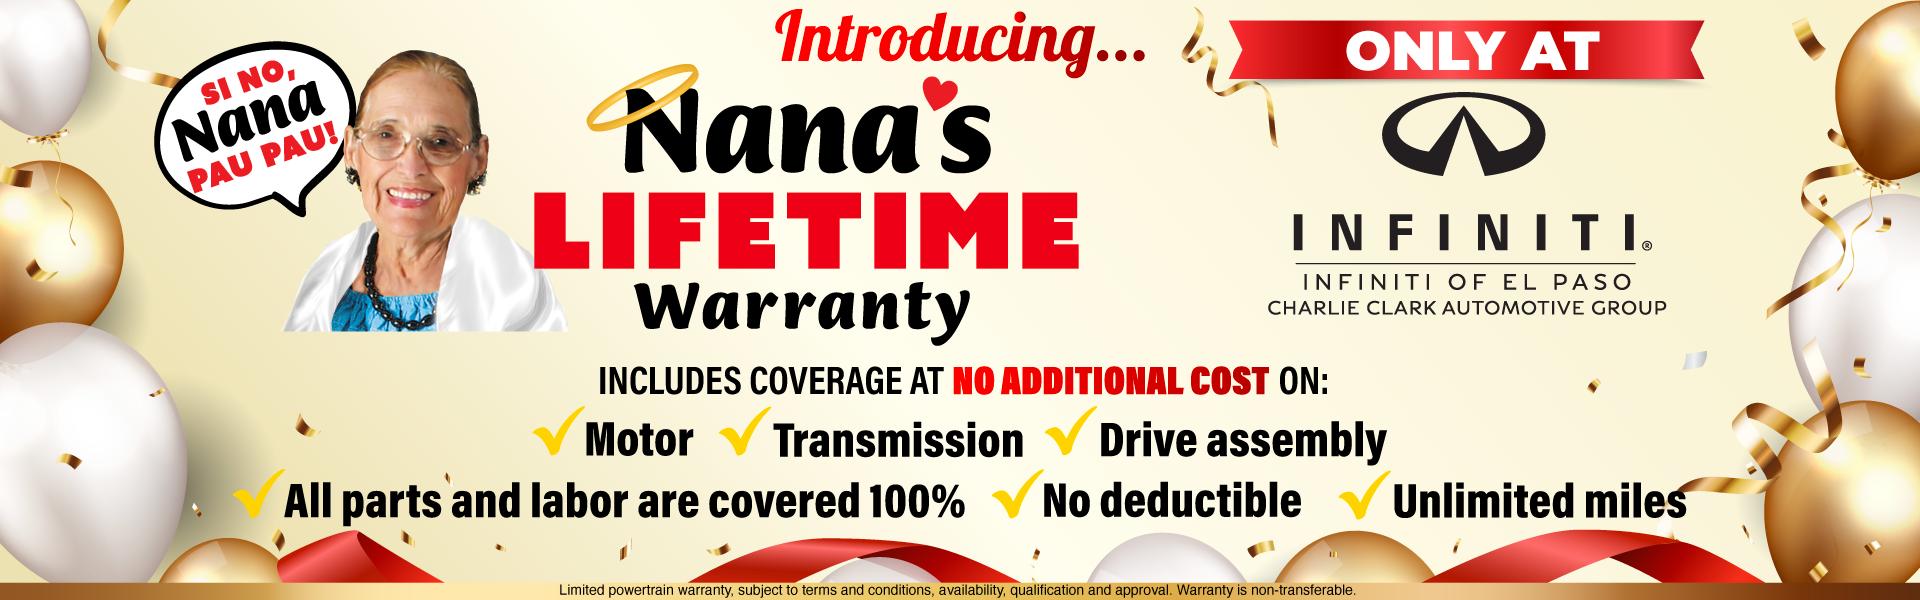 Infiniti Nanas Warranty